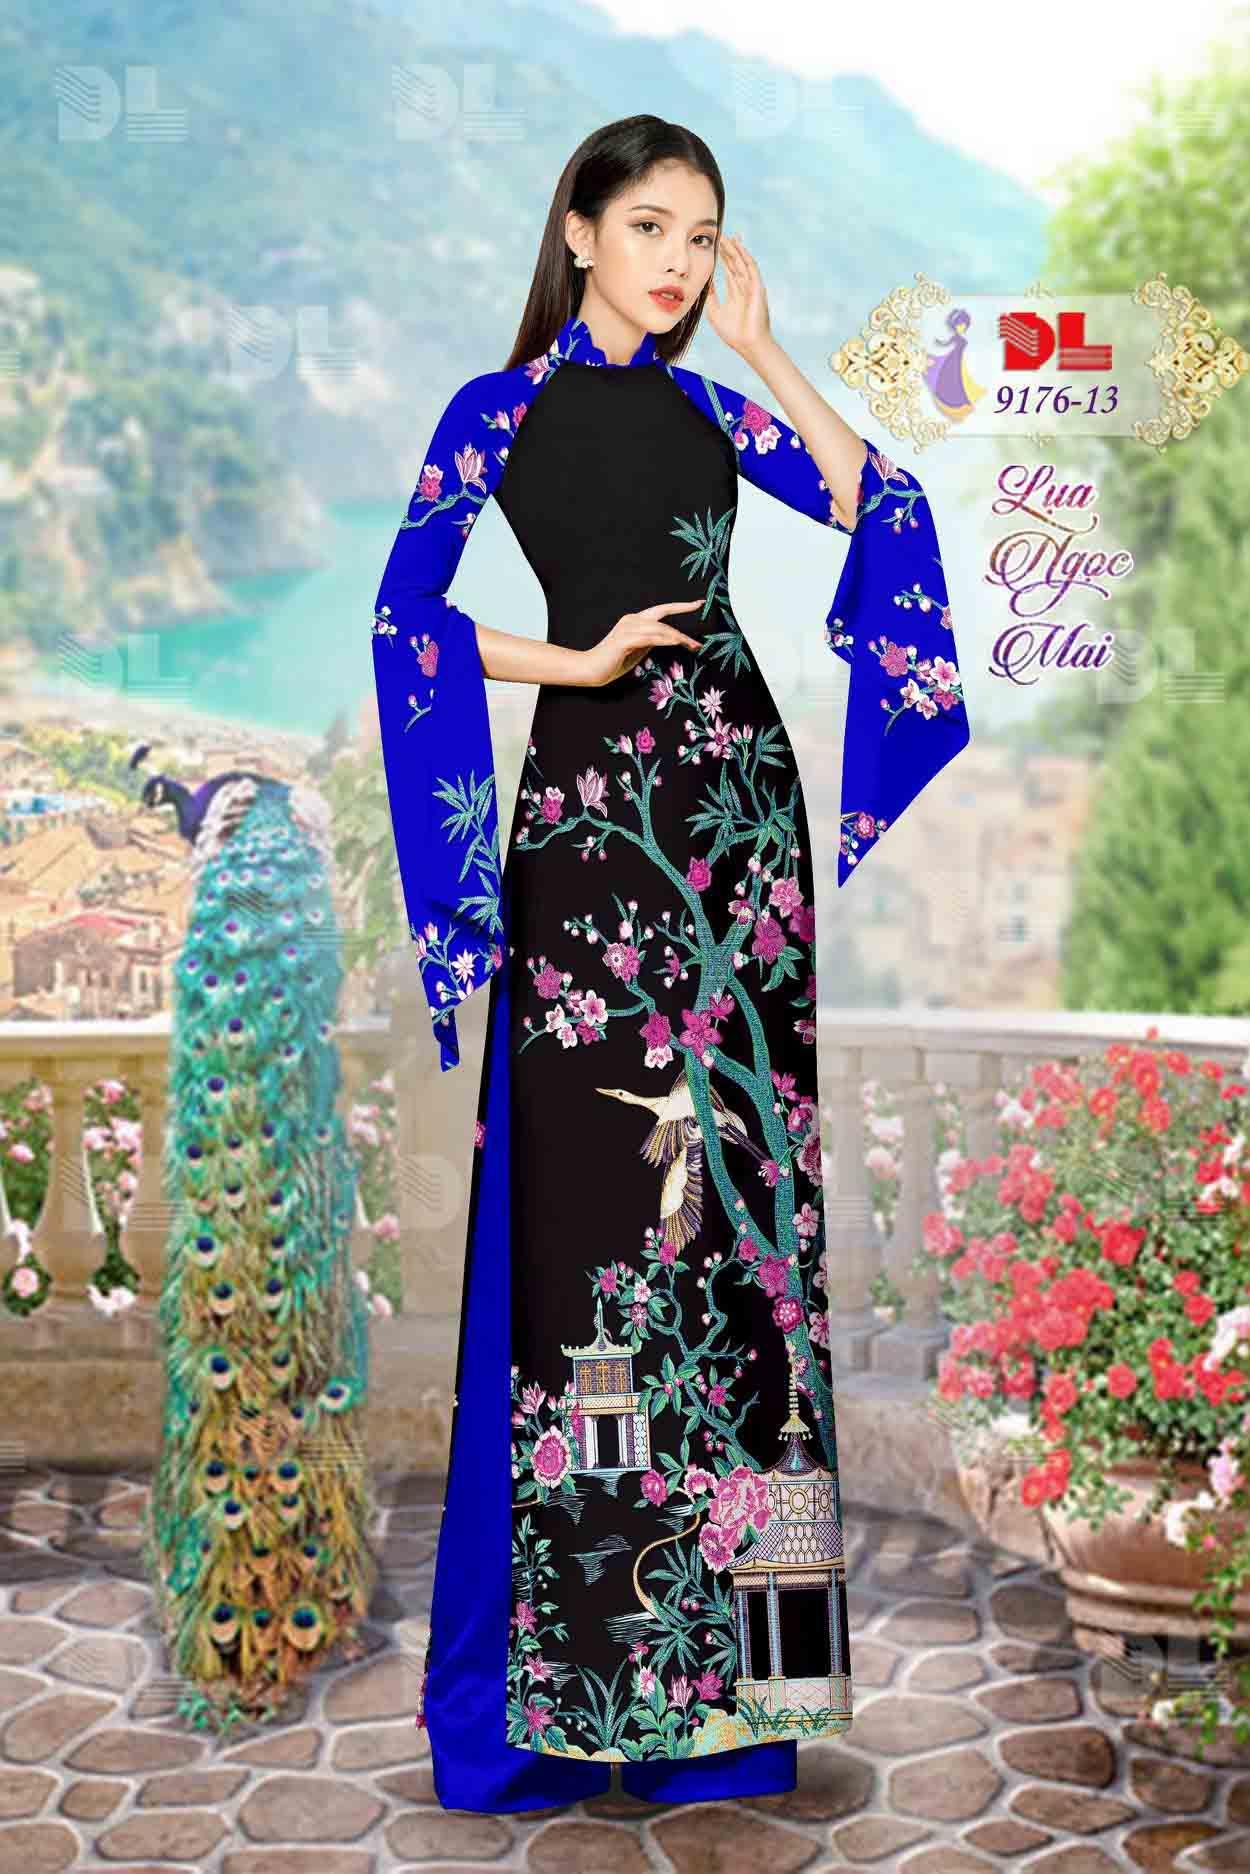 Vải Áo Dài Phong Cảnh AD 9176 60